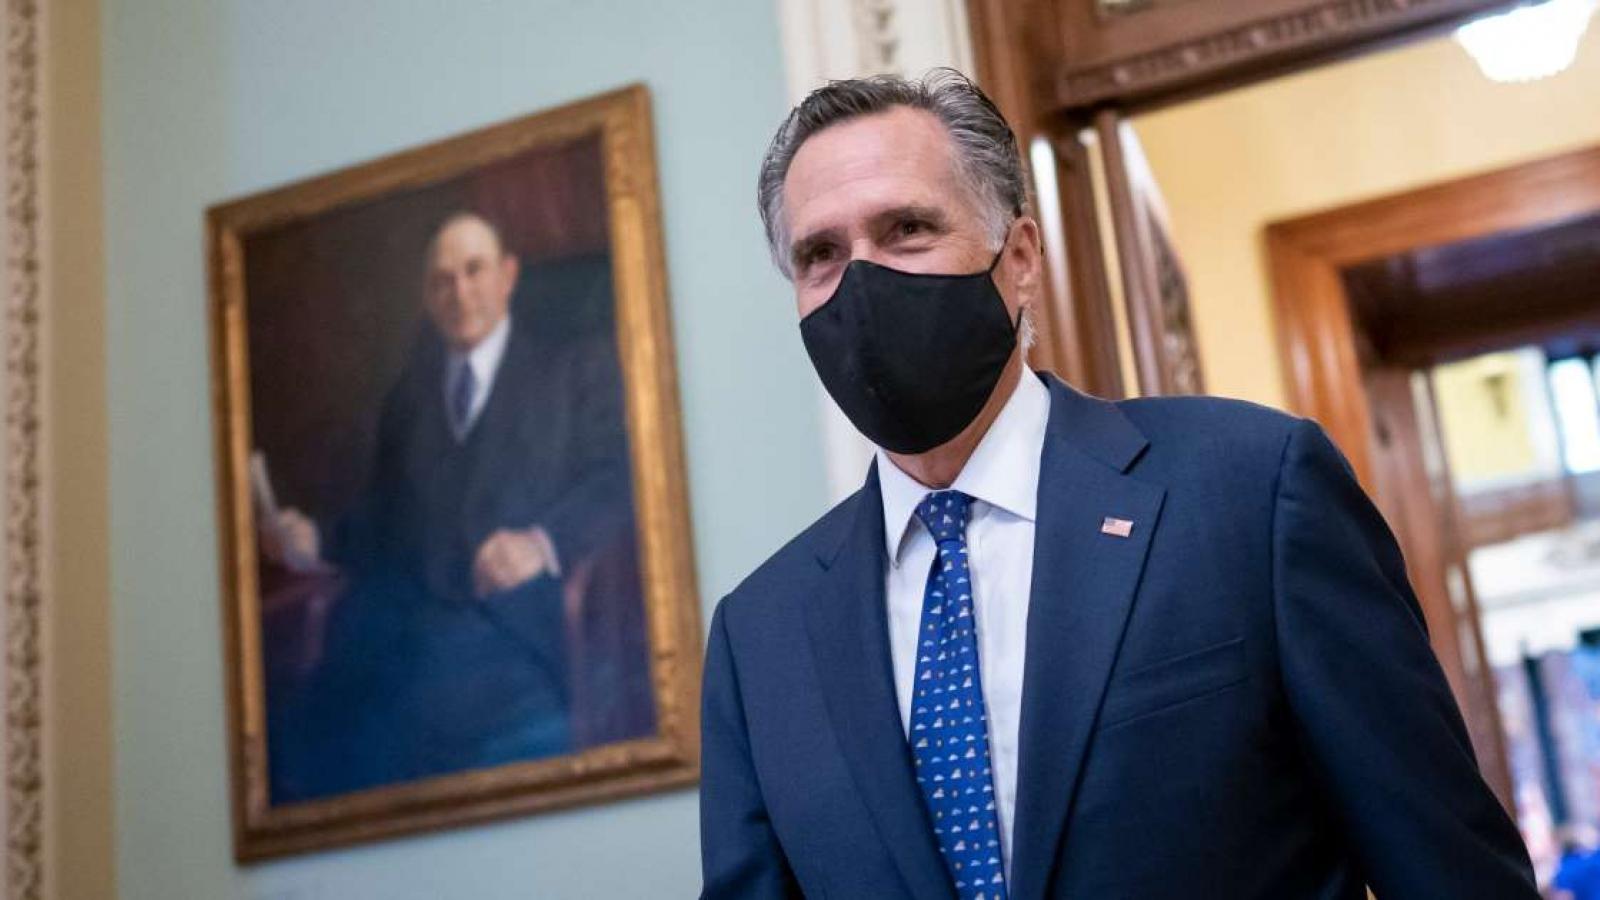 5 thượng nghị sỹ Cộng hòa phản bác quan điểm nói luận tội ông Trump là vi hiến